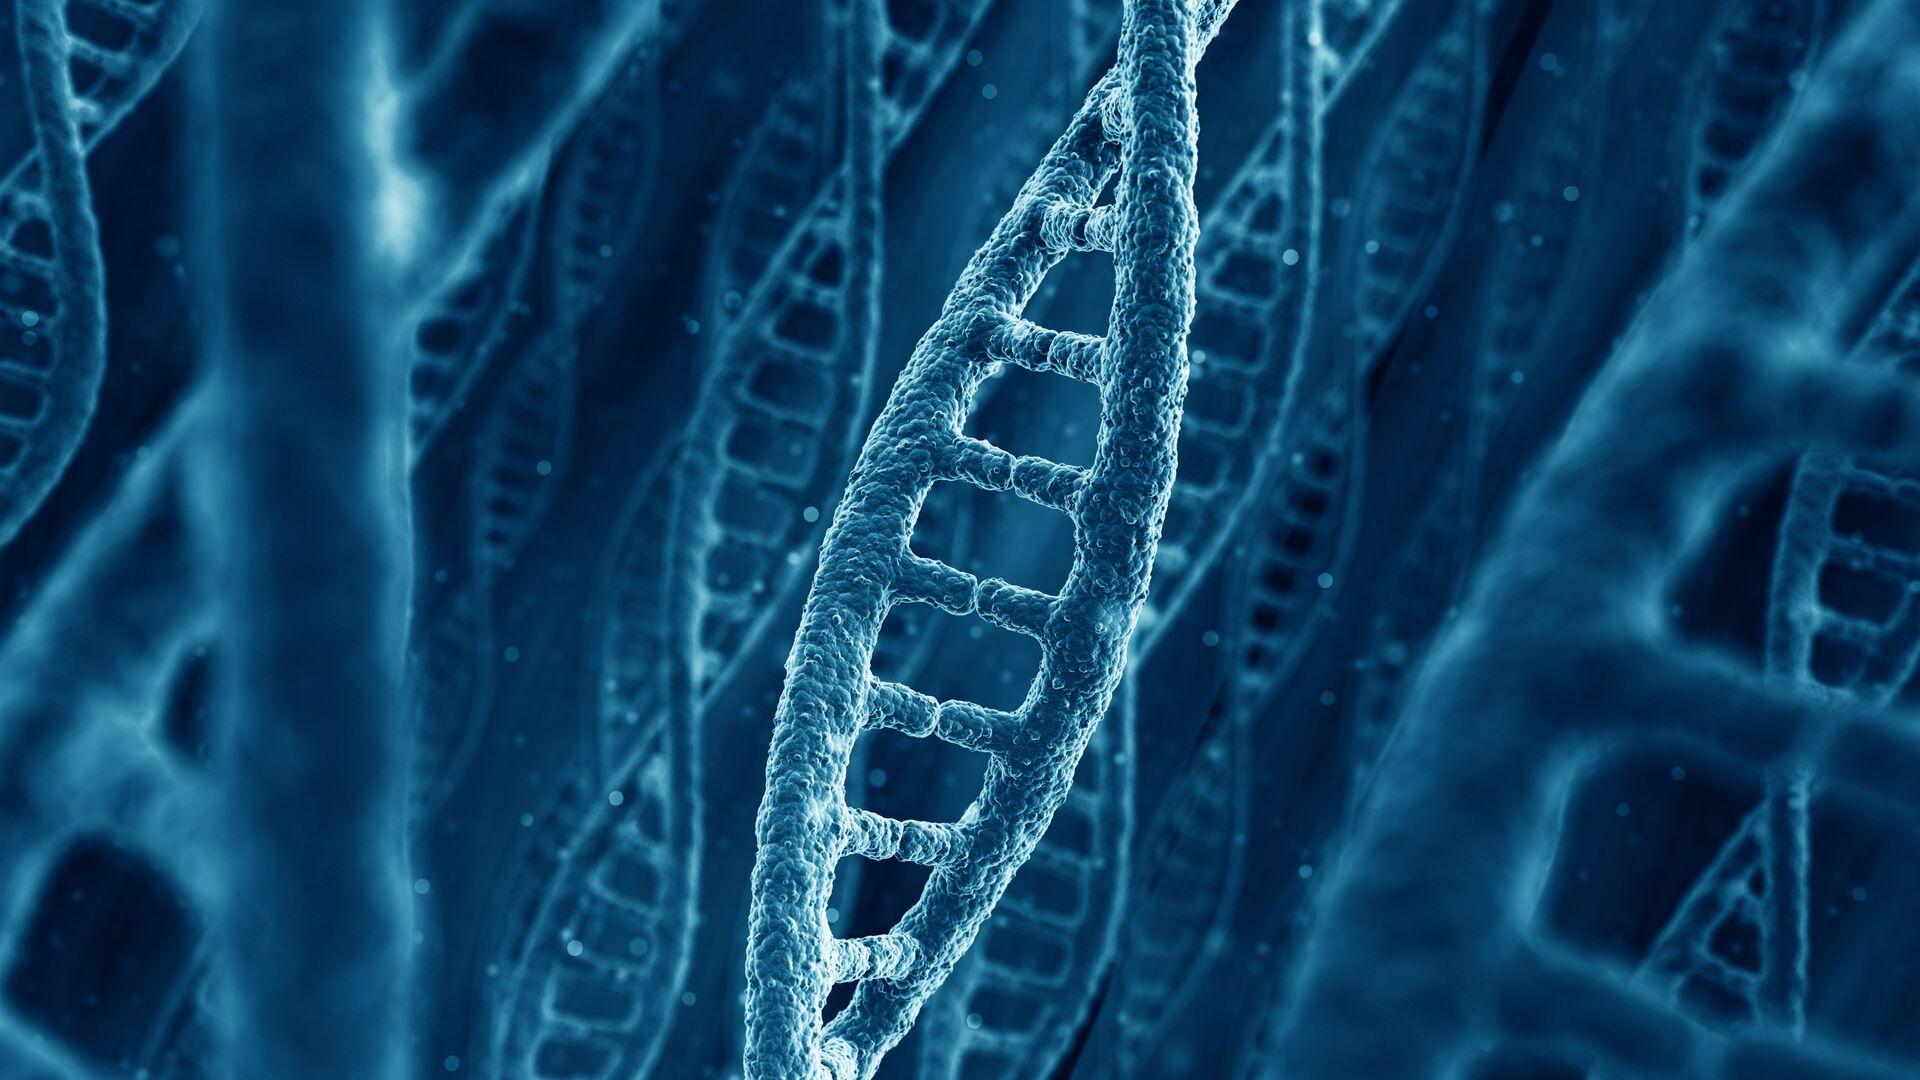 Молекулы ДНК - РИА Новости, 1920, 21.12.2020